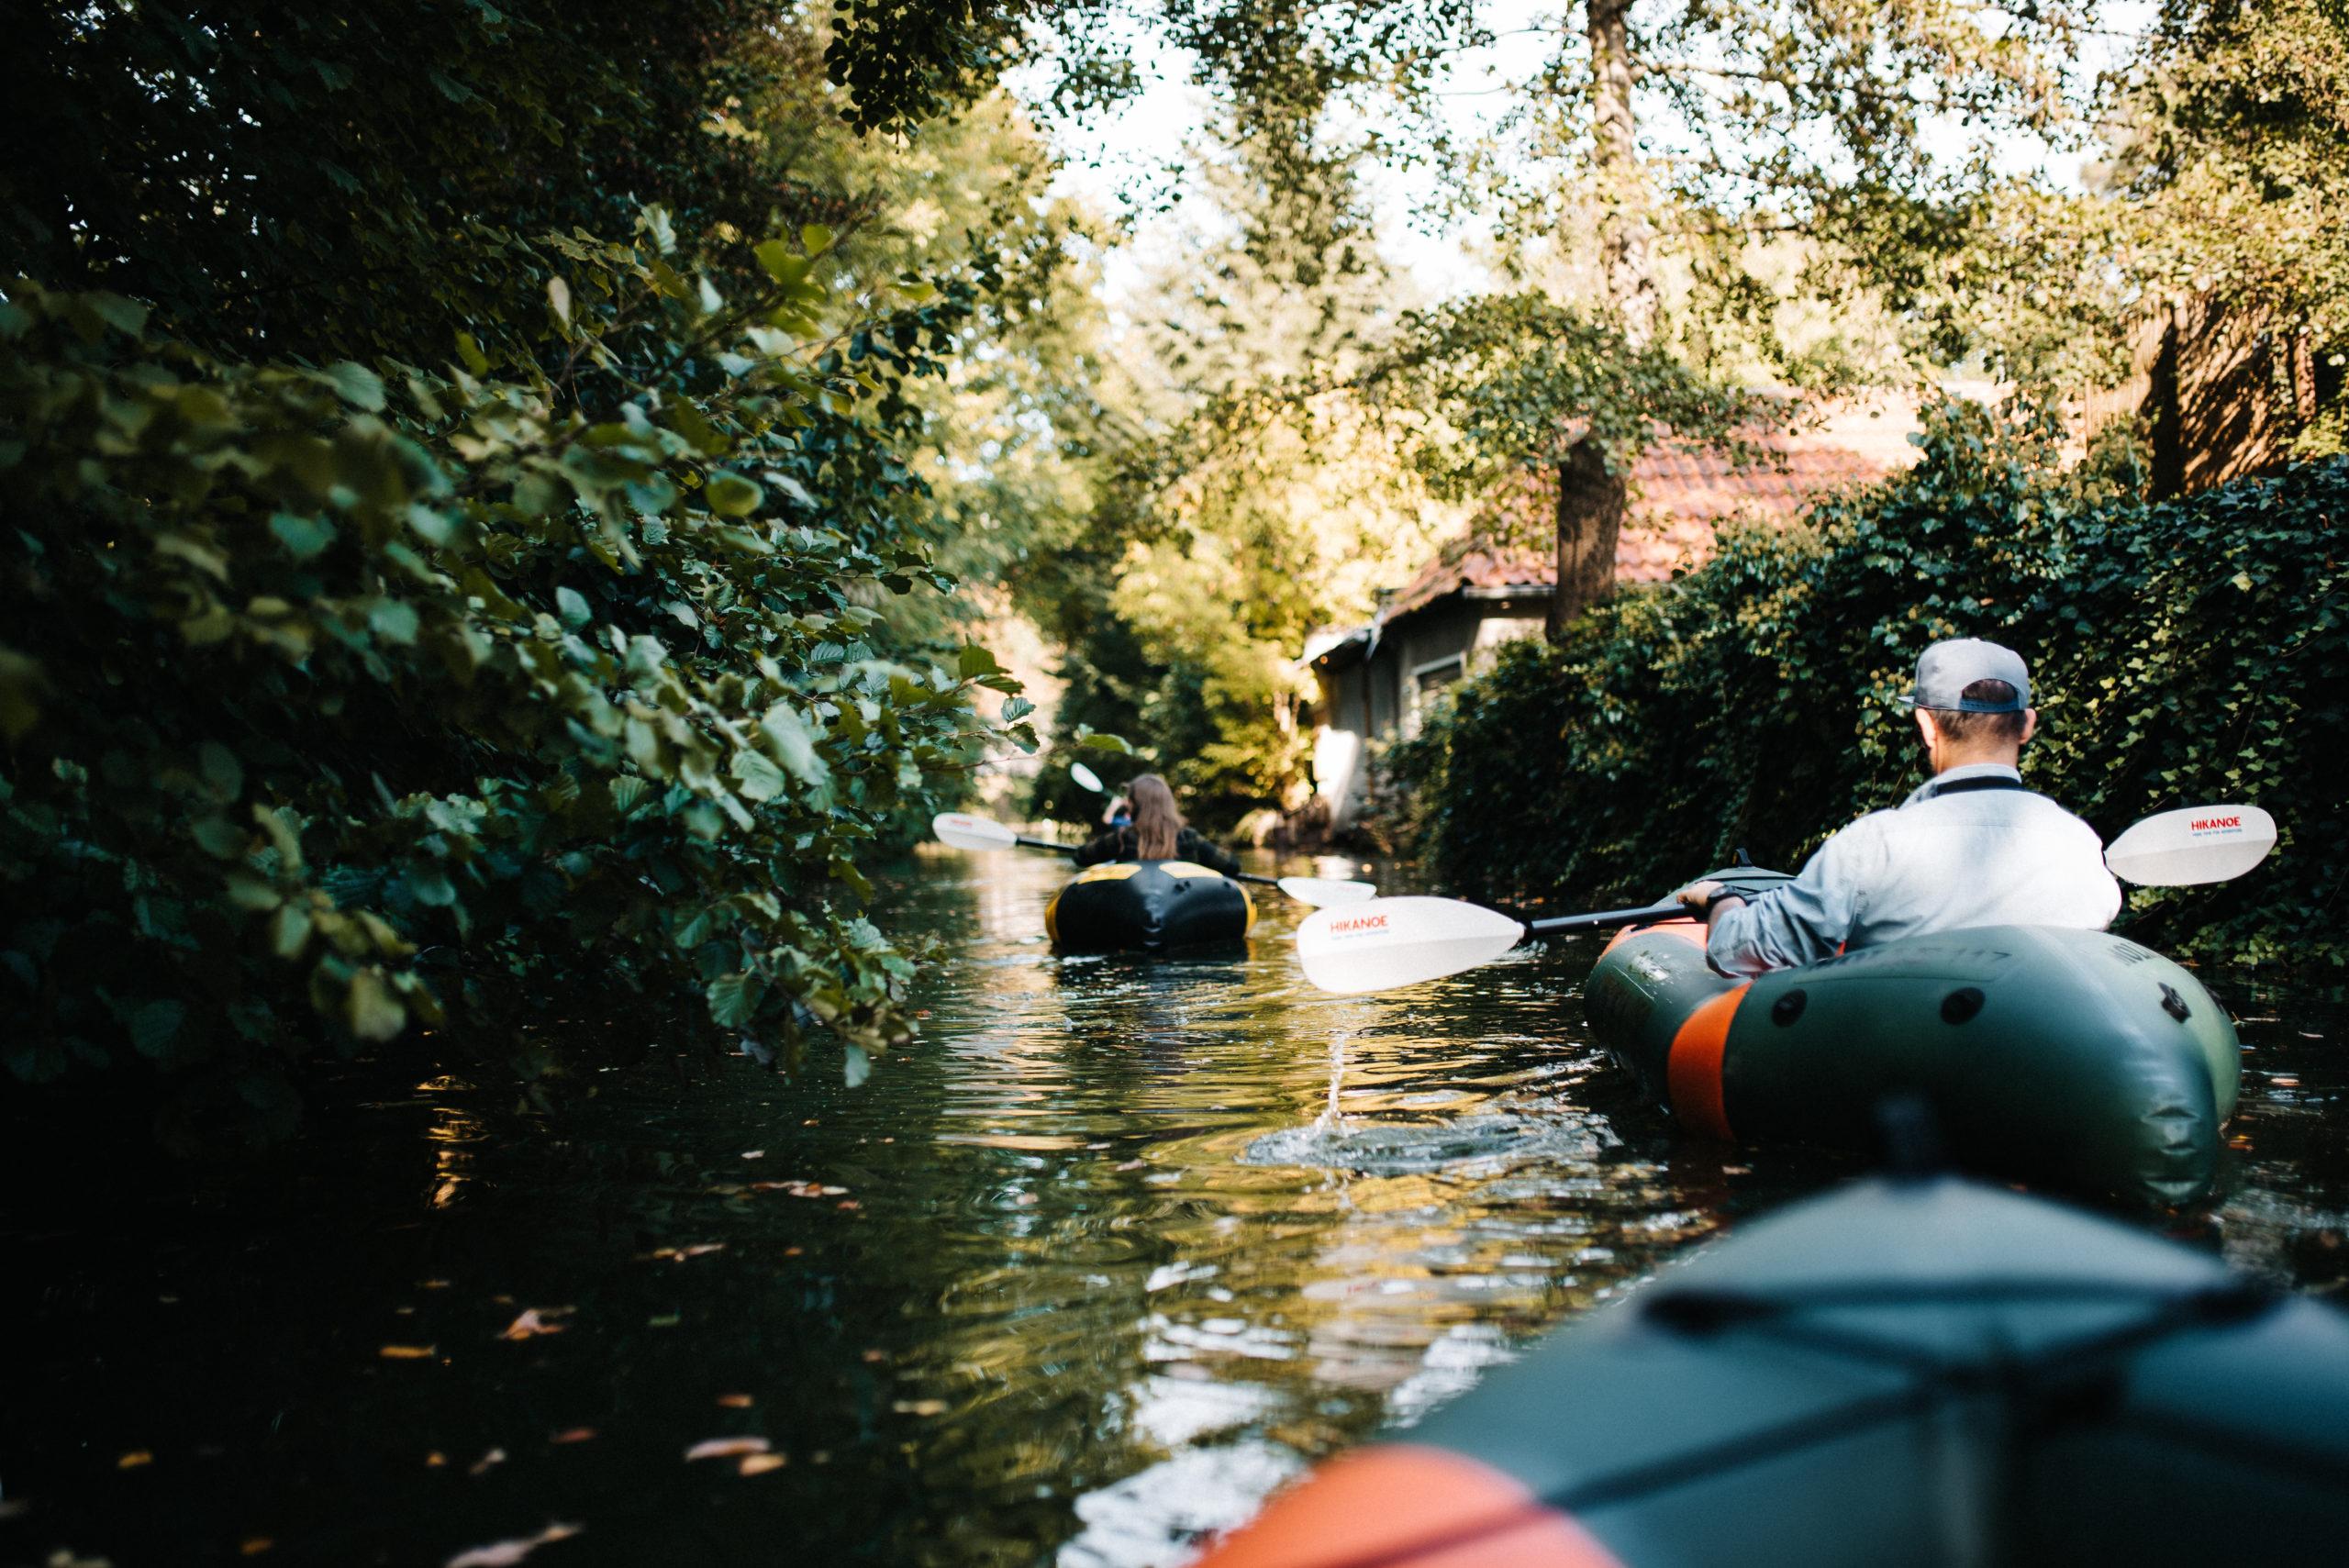 Packraft fahren- Spreewald Aktiv erleben- 2 Boote im Spreewald